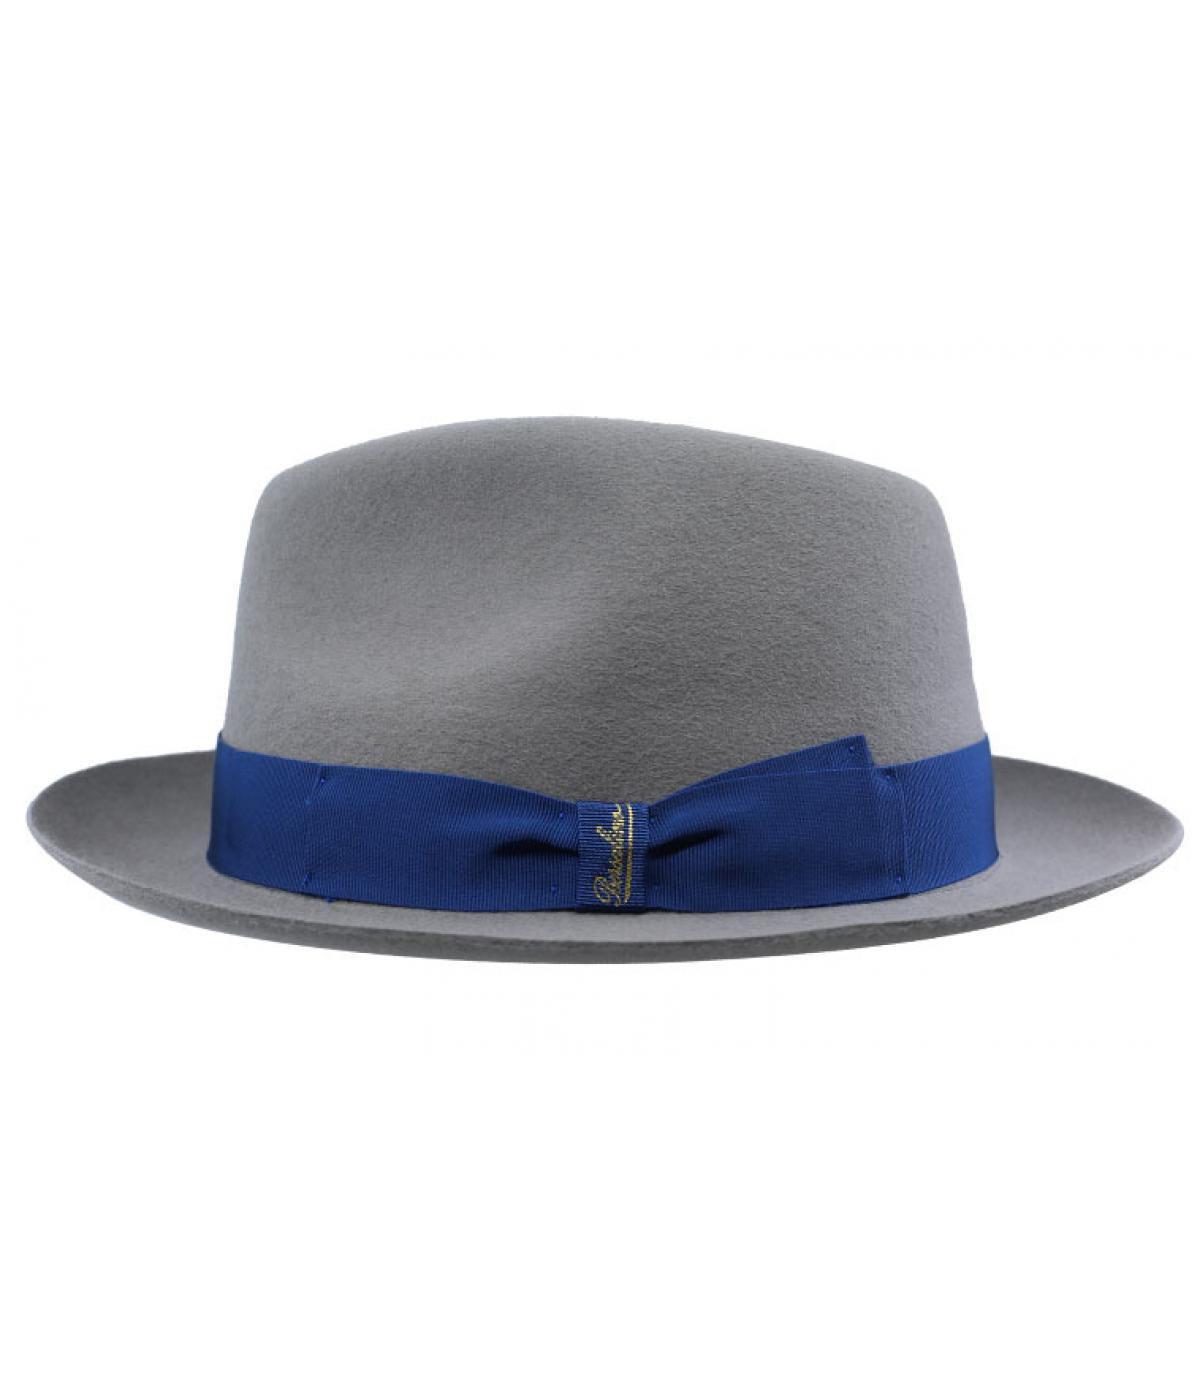 Details Grey Fur Felt Hat - afbeeling 2